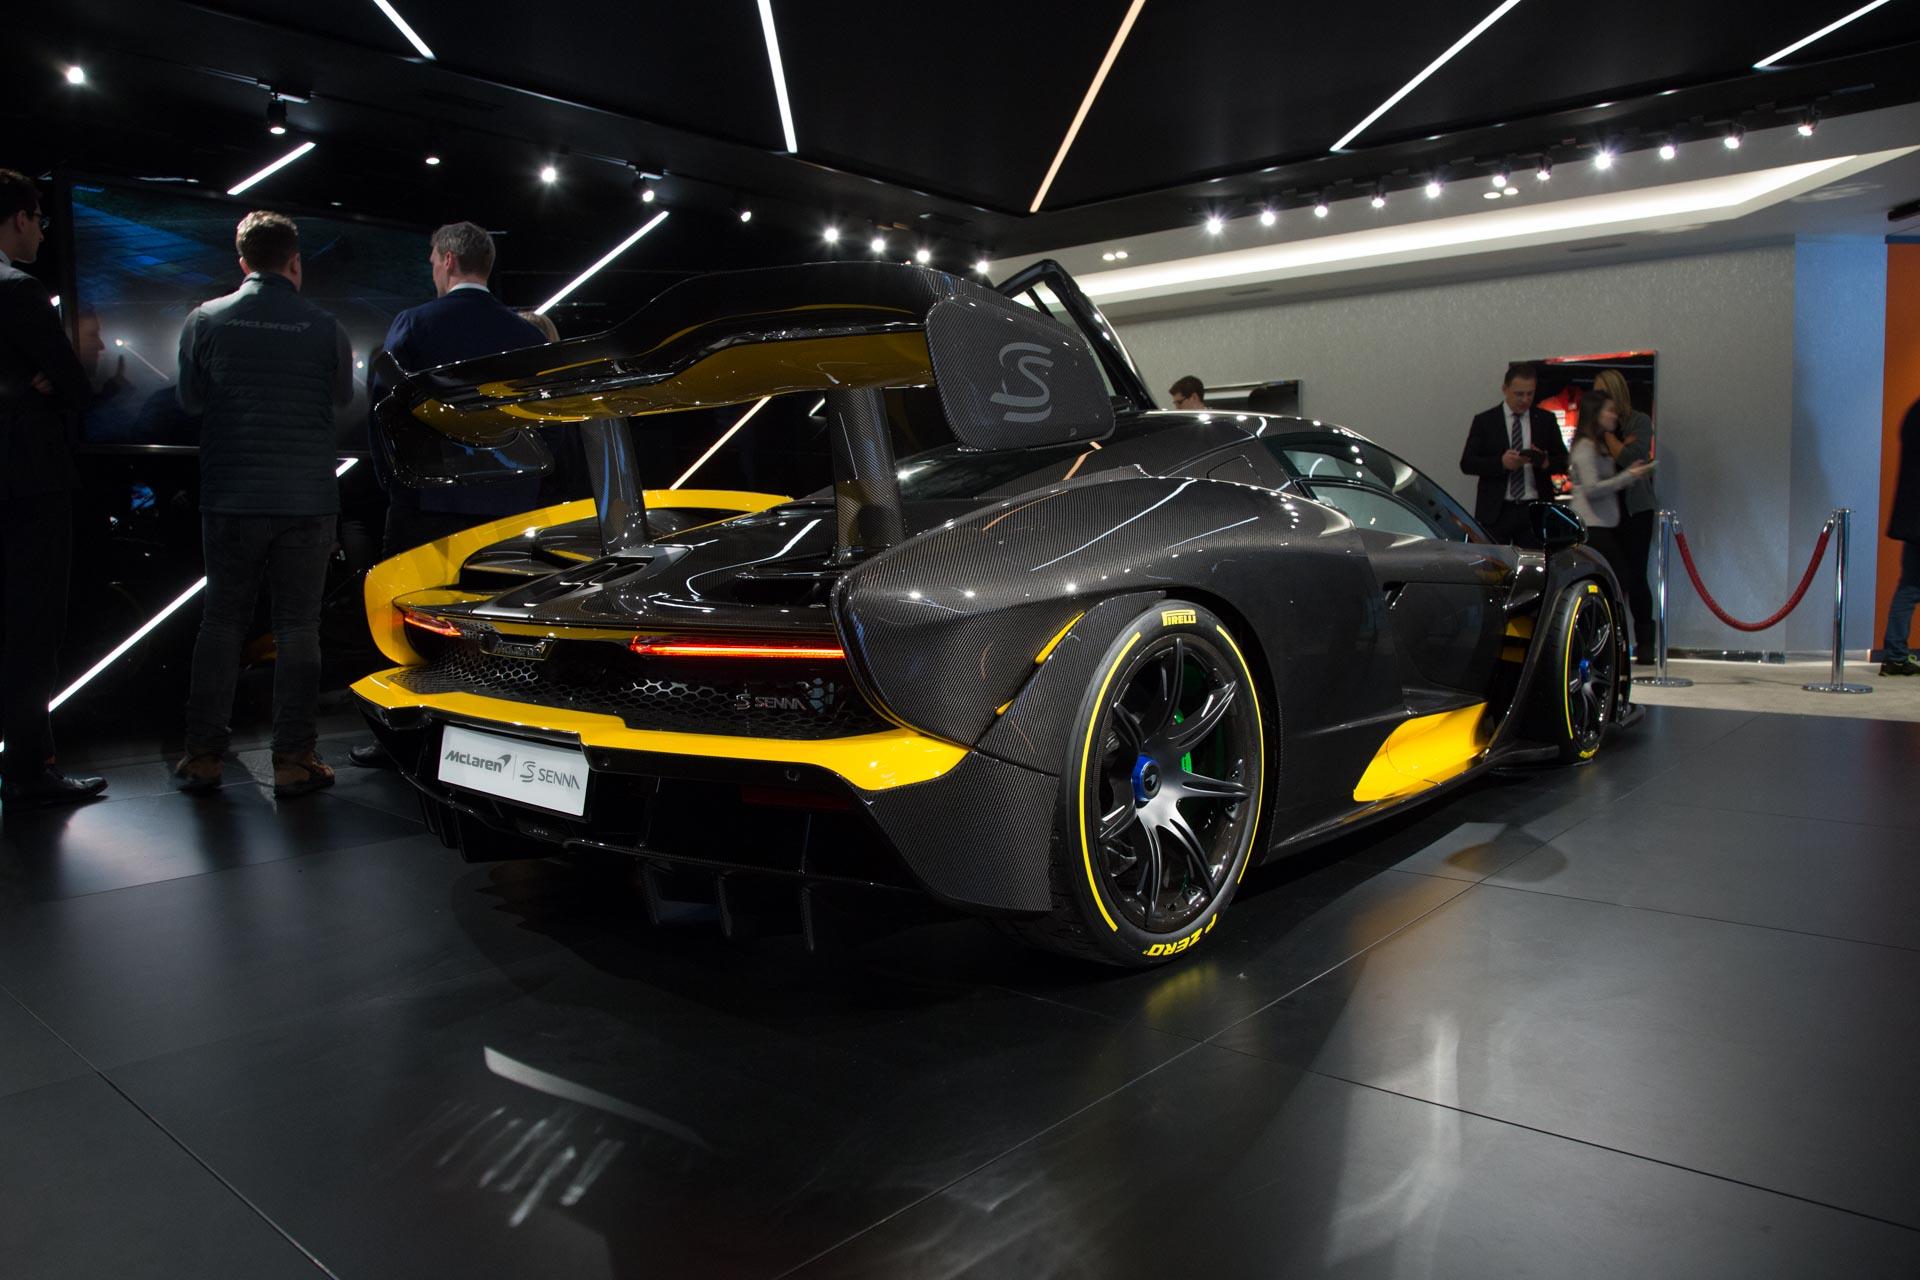 Недавно McLaren представил больше статистических данных о Senna. Он оснащается 4-литровым двухцилиндровым двигателем V8 McLaren мощностью 800 л.с. и 800 Нм крутящего момента. Он весит 1,198 кг, что дает ему соотношение мощности к весу 668 л.с. на тон